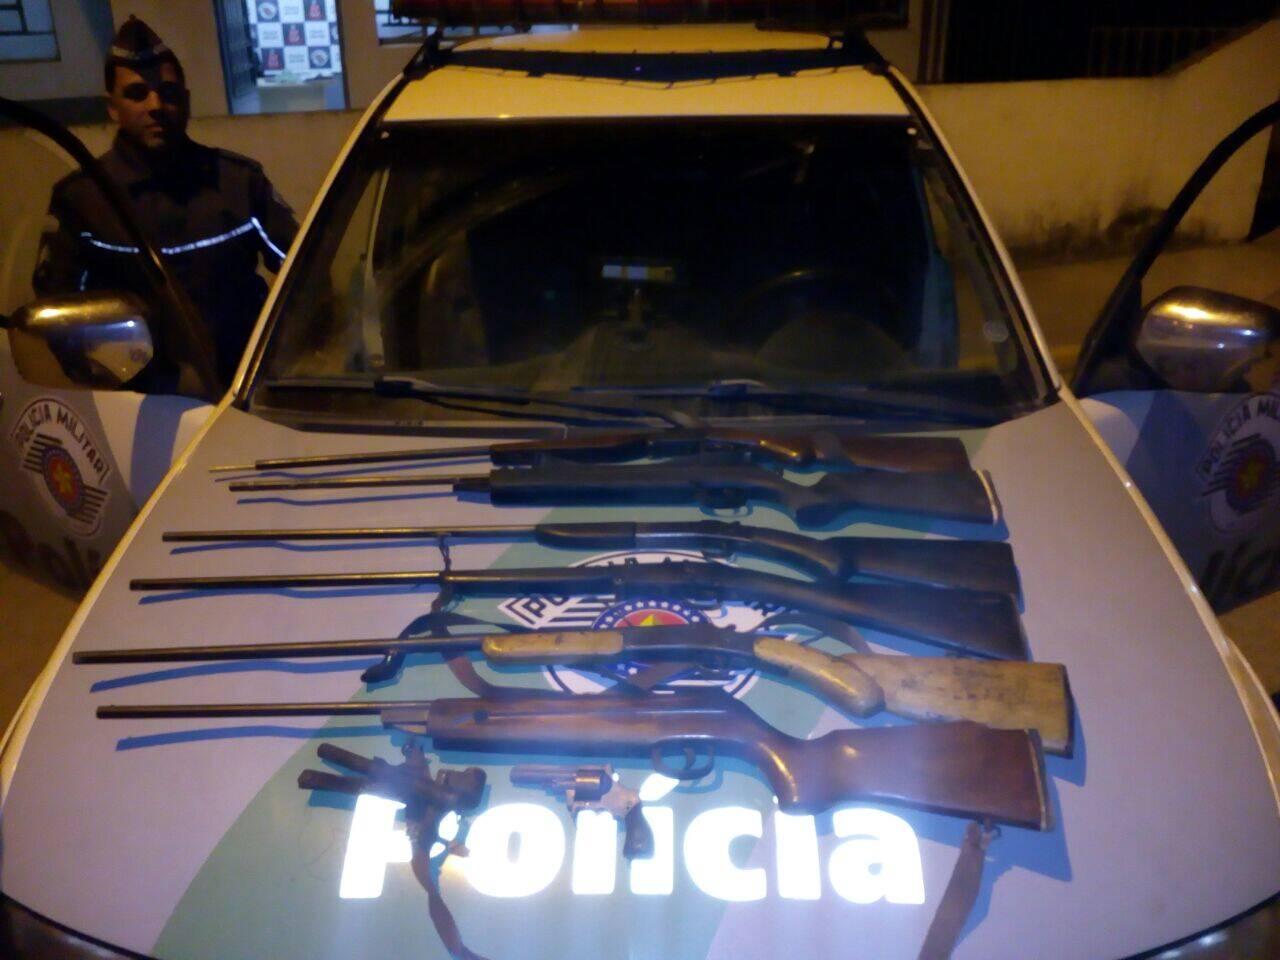 Polícia Militar Ambiental apreendeu armas e resgatou cães utilizados para caçar em São Paulo. Foto: Divulgação/Polícia Militar Ambiental